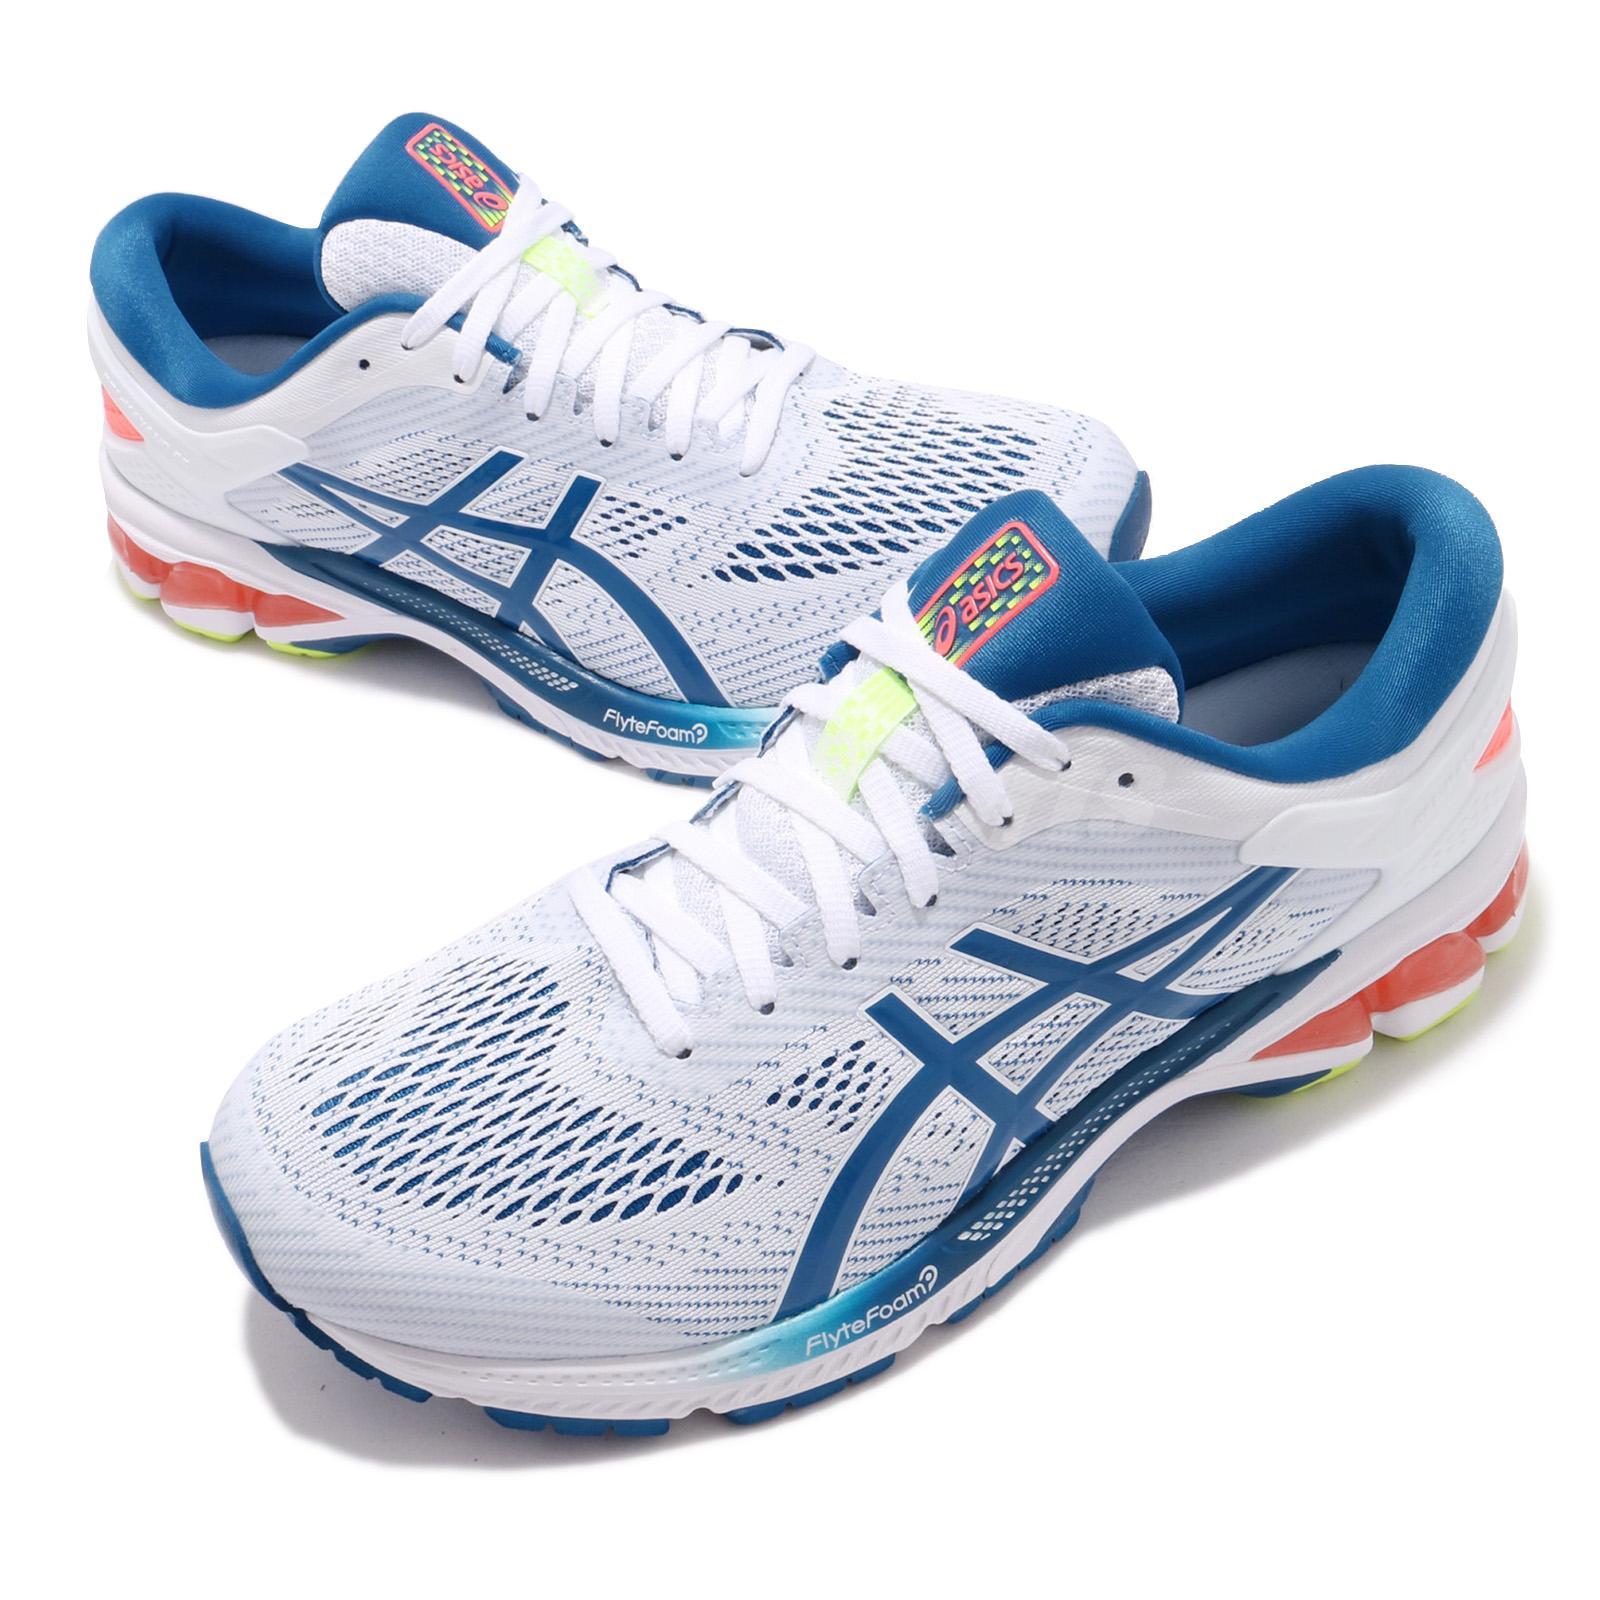 Détails sur Asics Gel Kayano 26 Blanc bleu Lake Drive Hommes Chaussures De Course Baskets 1011A541 100 afficher le titre d'origine